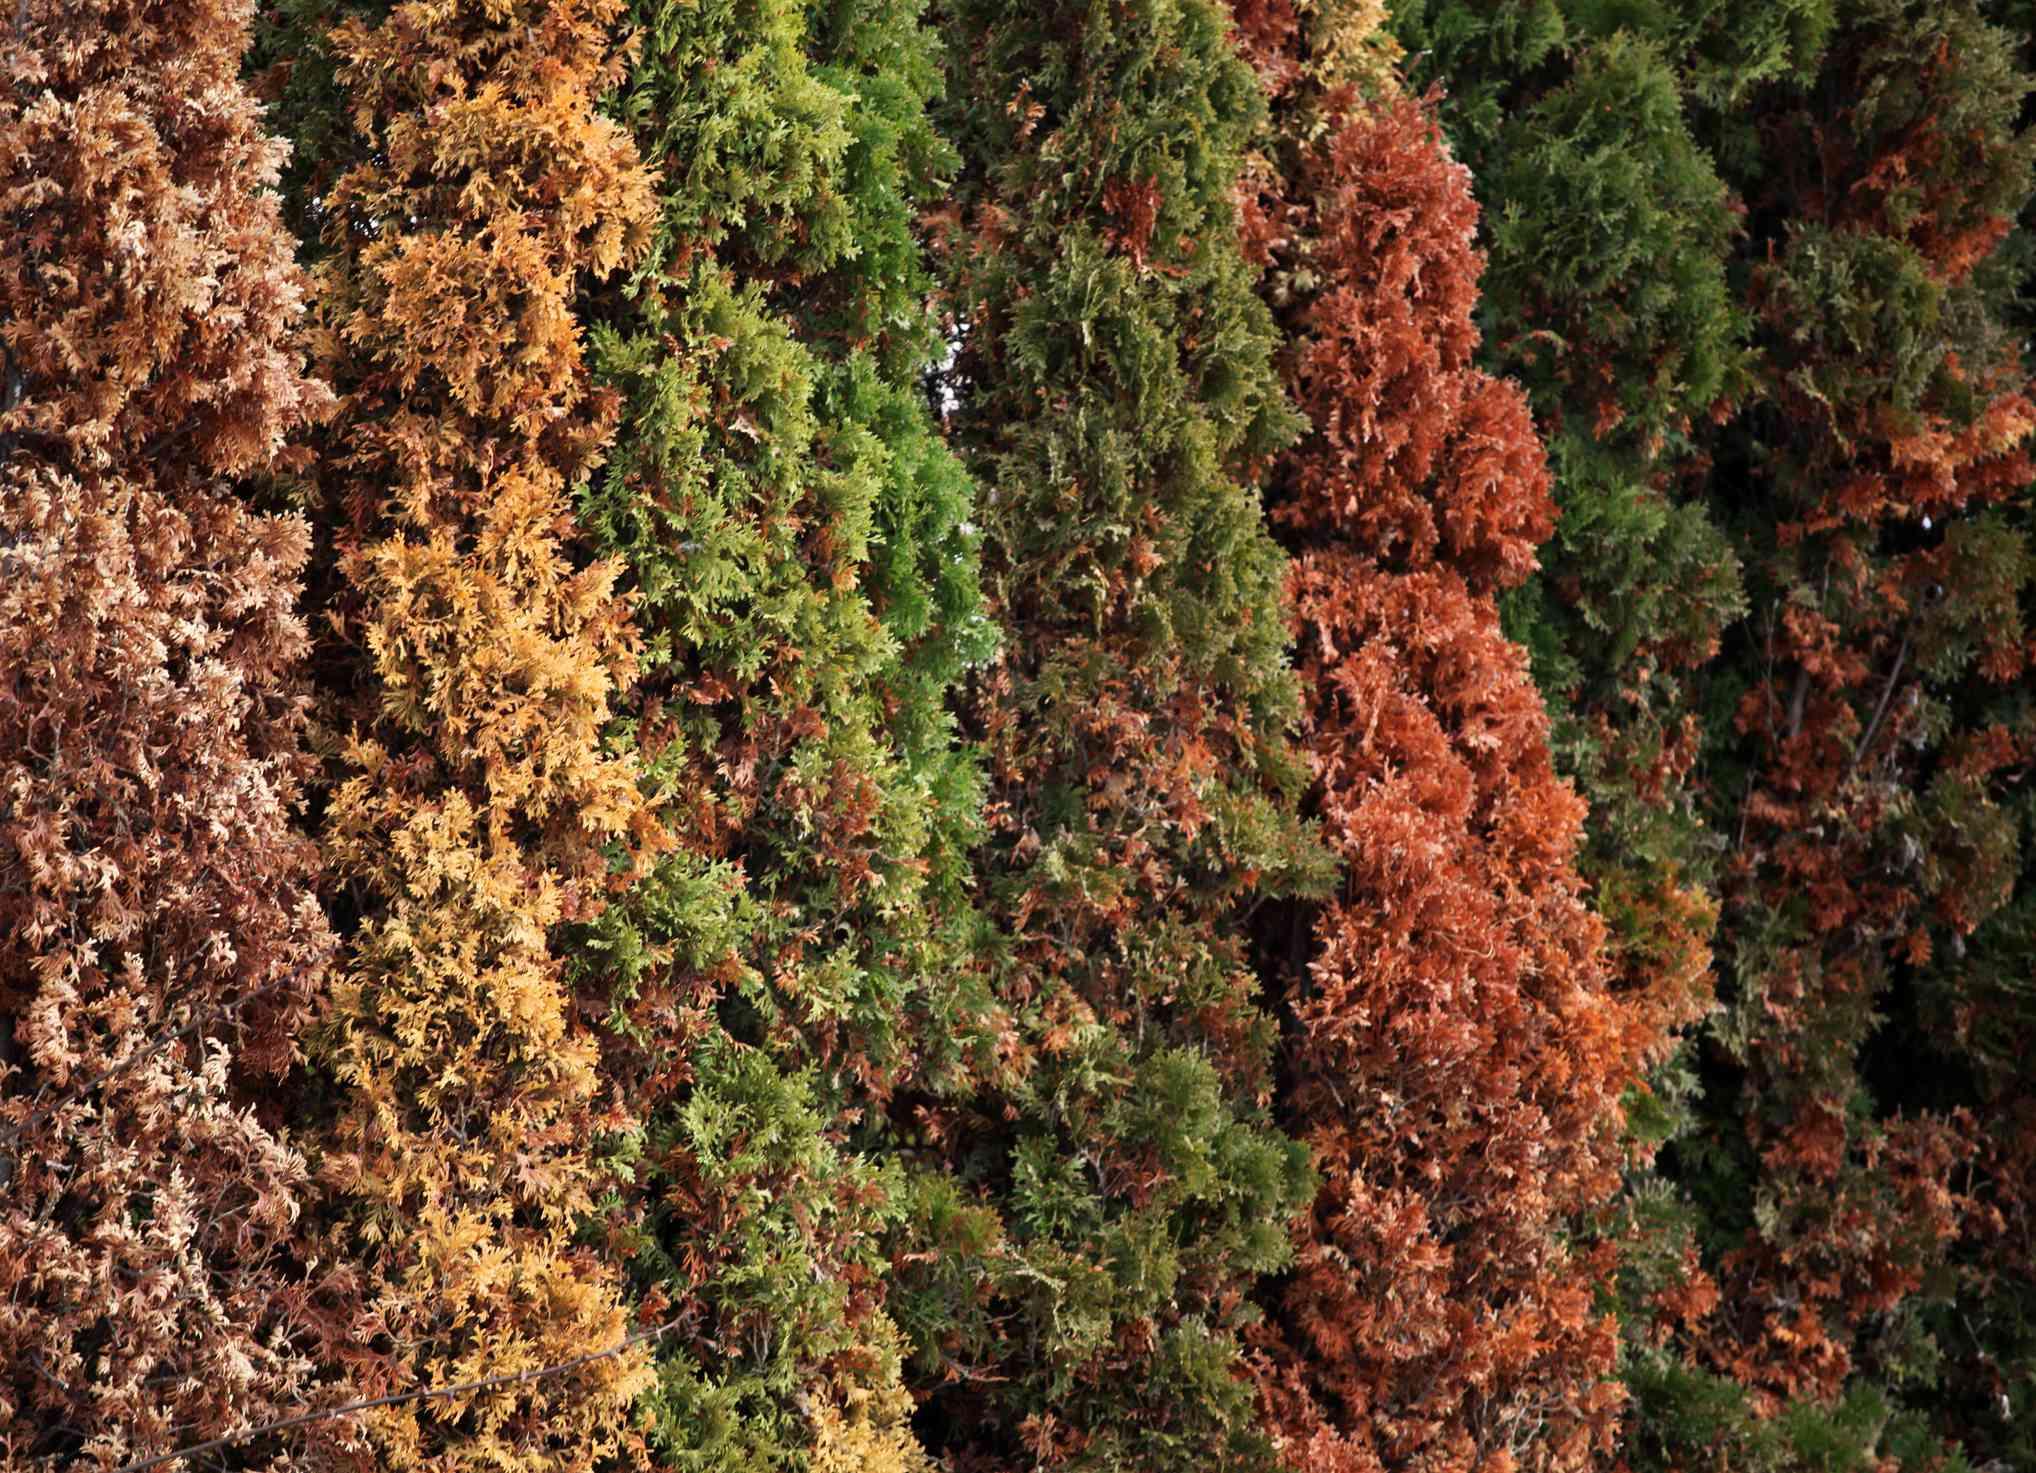 Blight fungal disease turning Thuja trees brown.